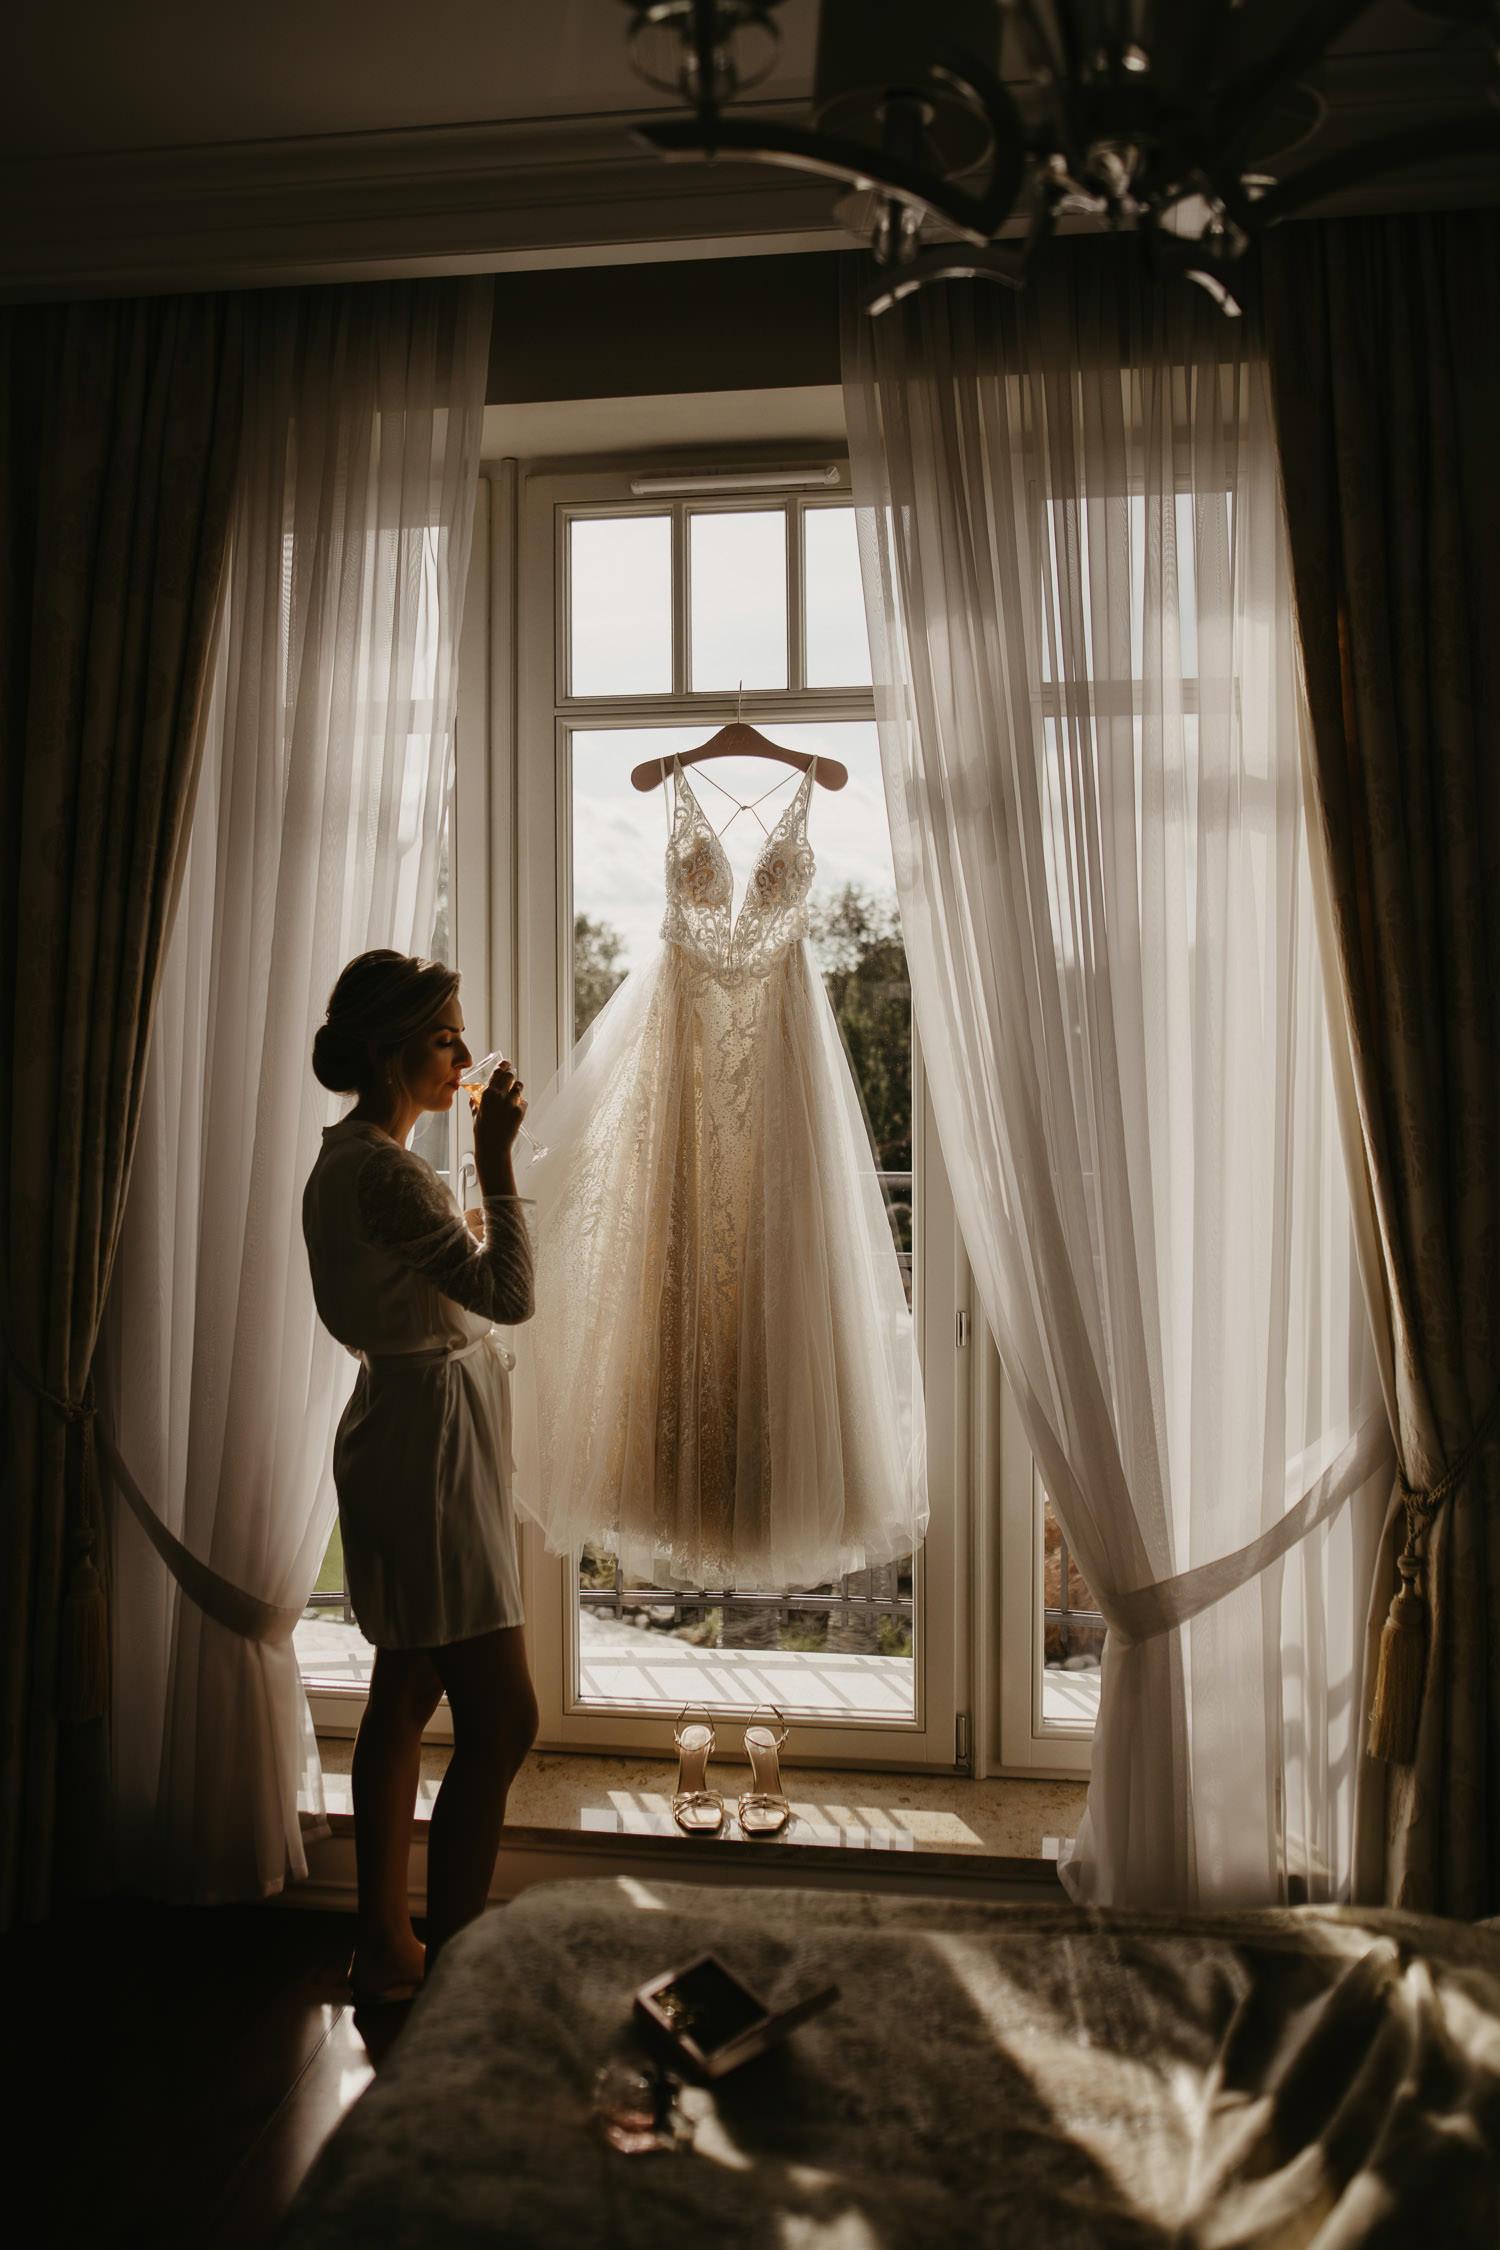 wesele-glamour-rezydencja-luxury-hotel-0009